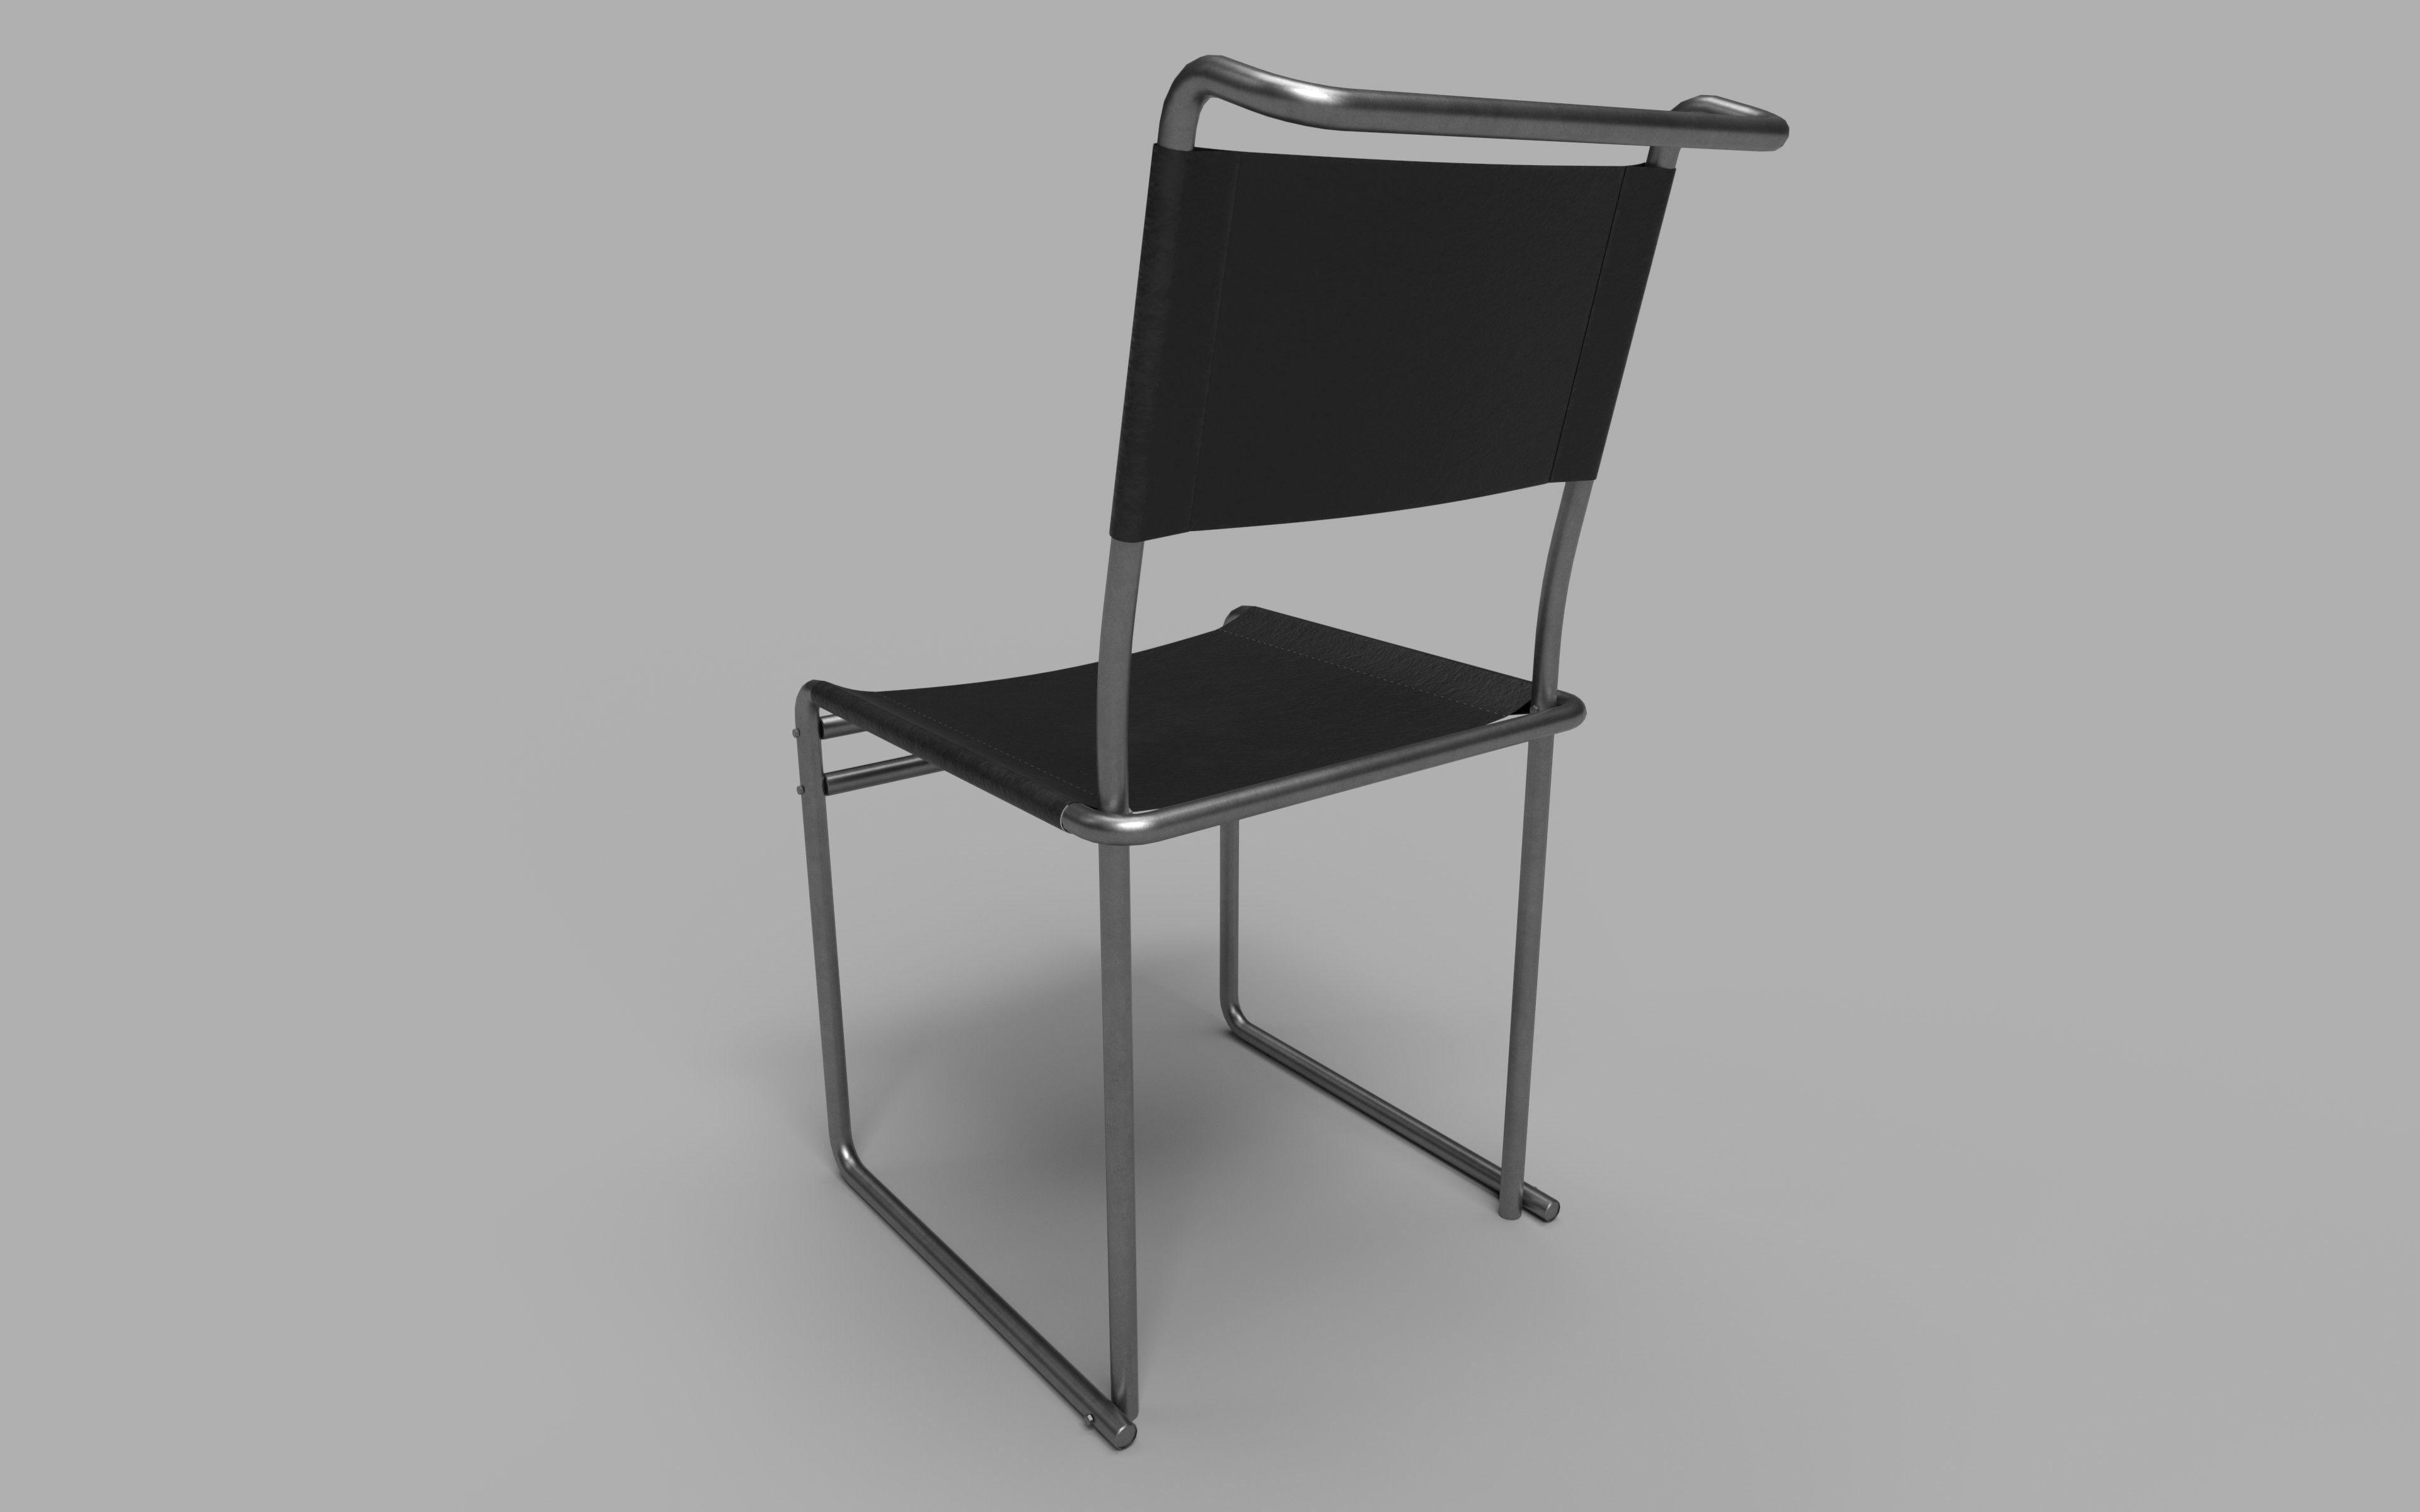 ... Classic Breuer Chair 3d Model Low Poly Obj Mtl 3ds Fbx Tga 6 ...